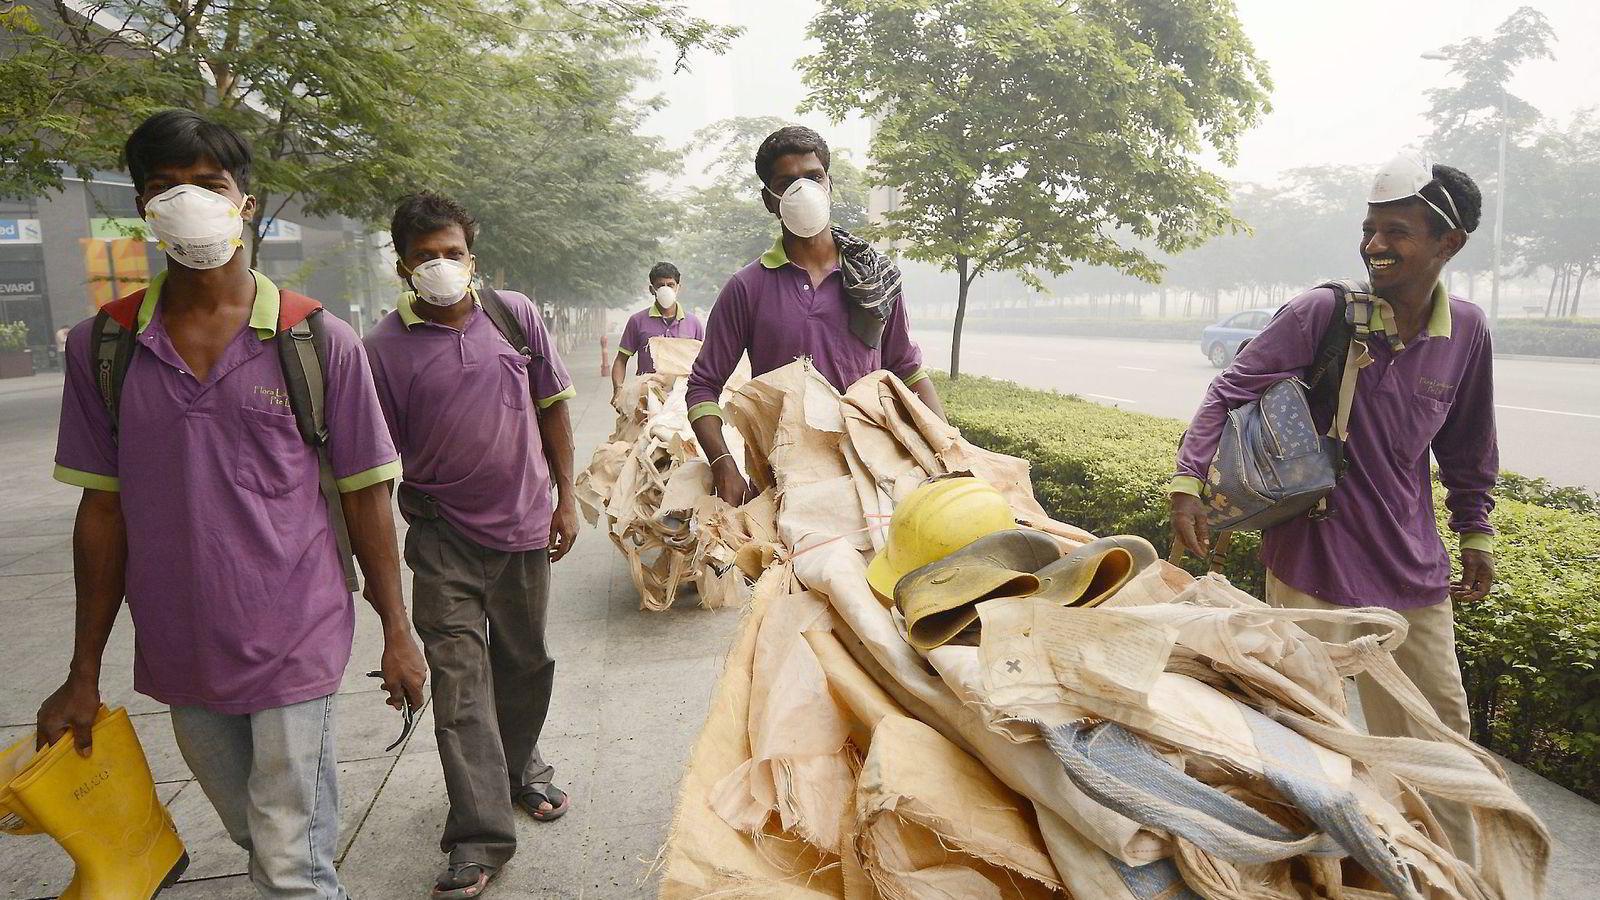 FORURENSER. Fossil energi er ikke bare hovedårsaken til klimaproblemet, men også en betydelig kilde til luftforurensning som skaper andre miljøproblemer. Disse singaporske arbeidere bruker munnbind på grunn av landets luftforurensning. Foto: Munshi Ahmed,